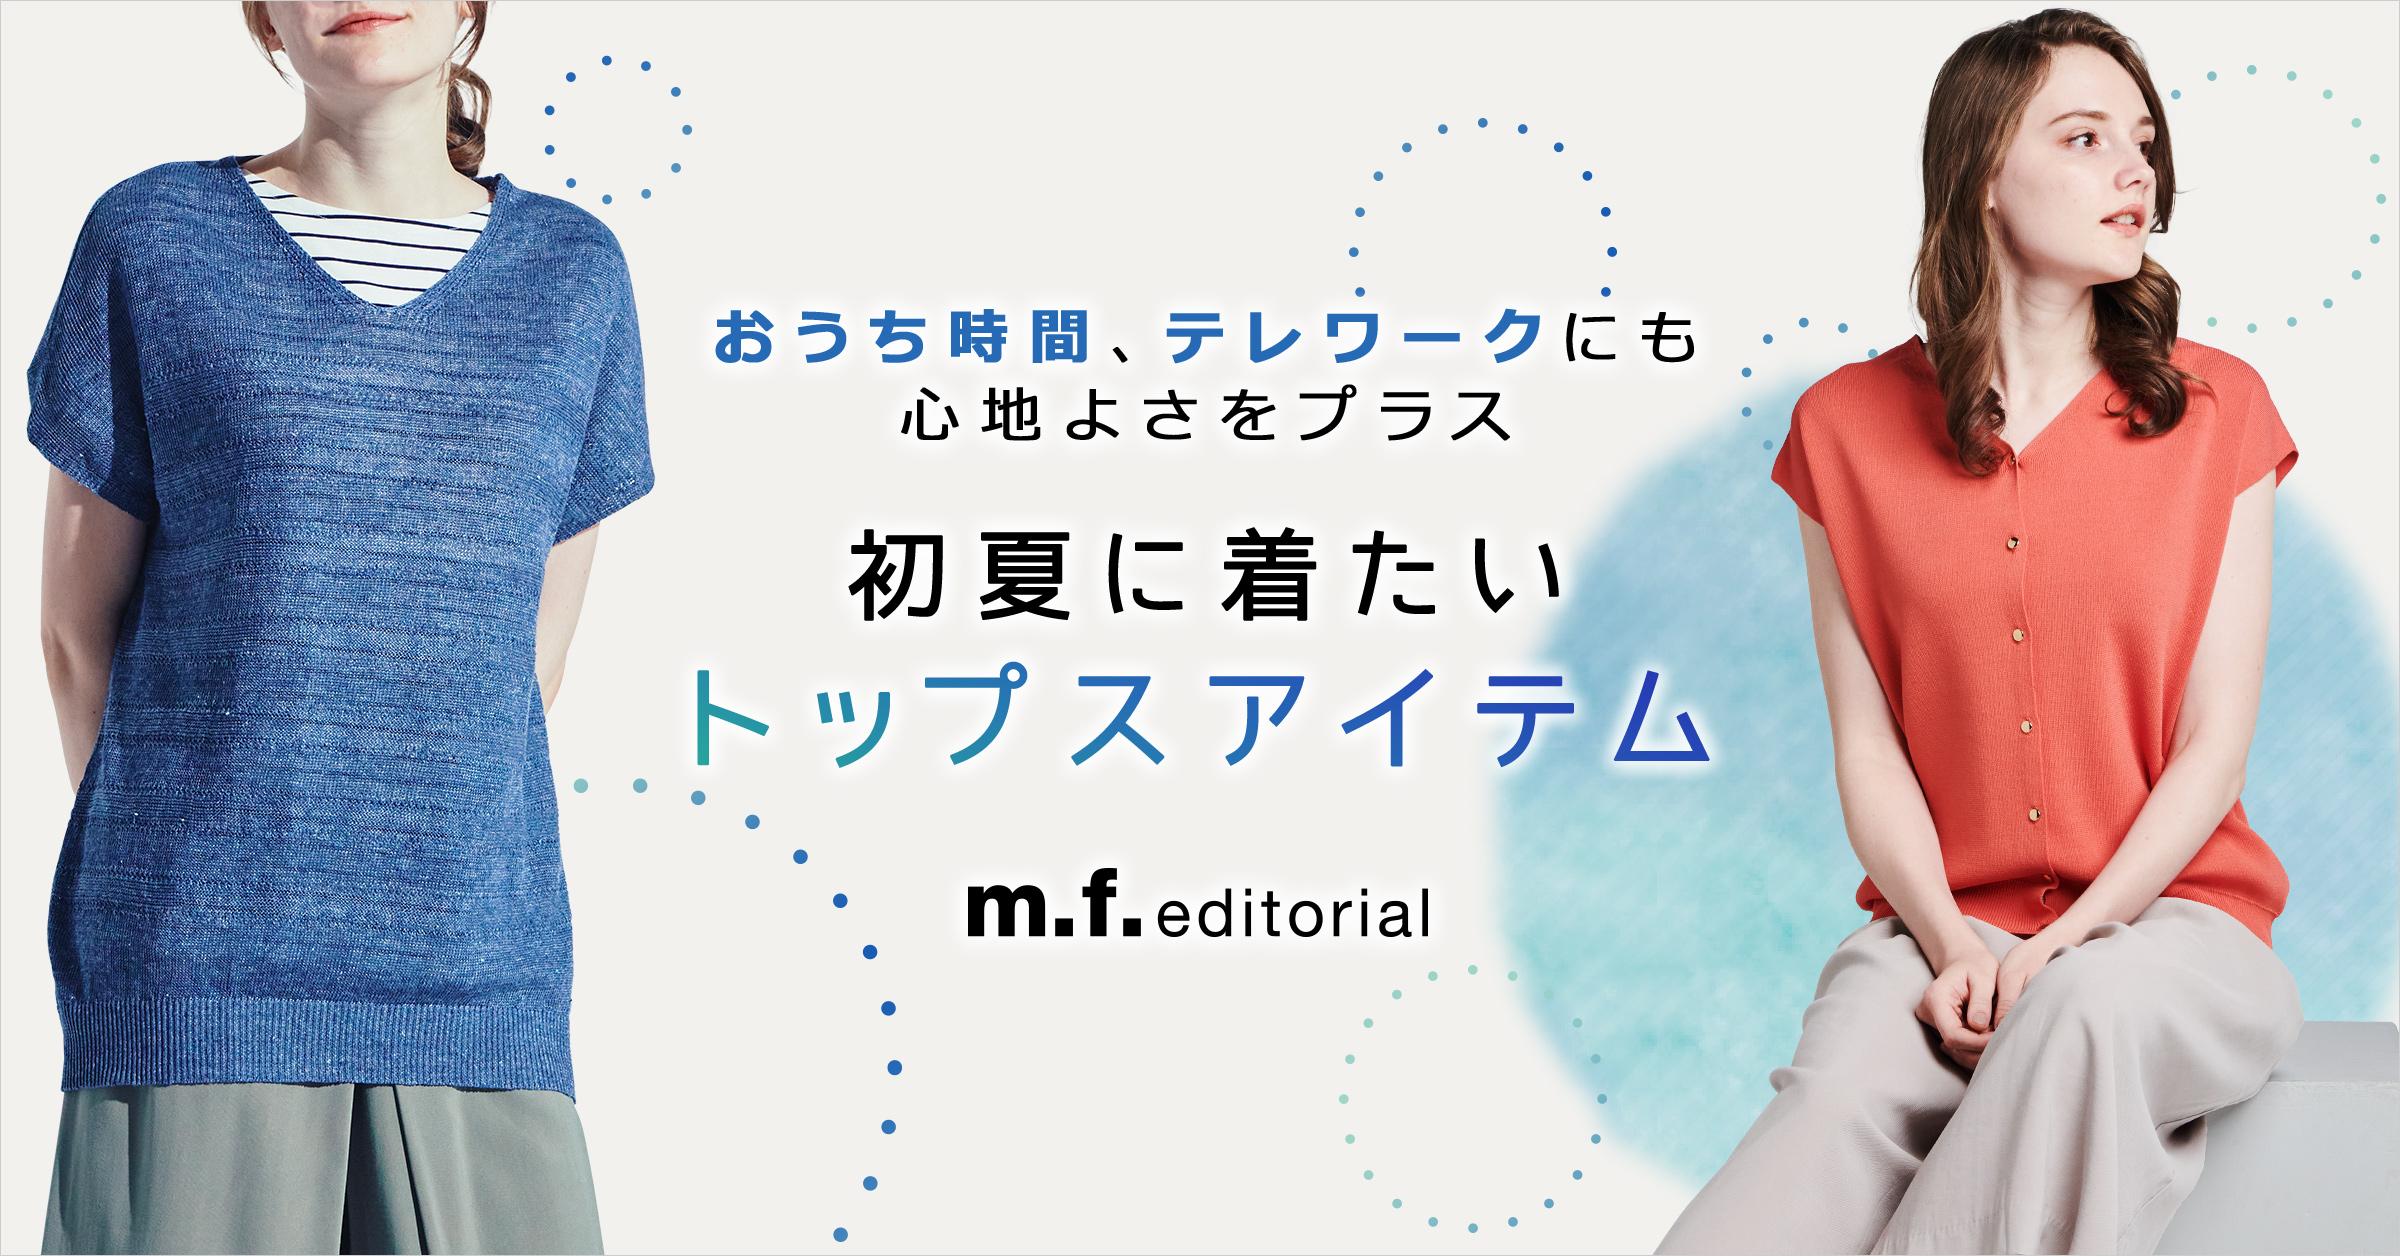 m.f.editorial 初夏に着たいトップスアイテム